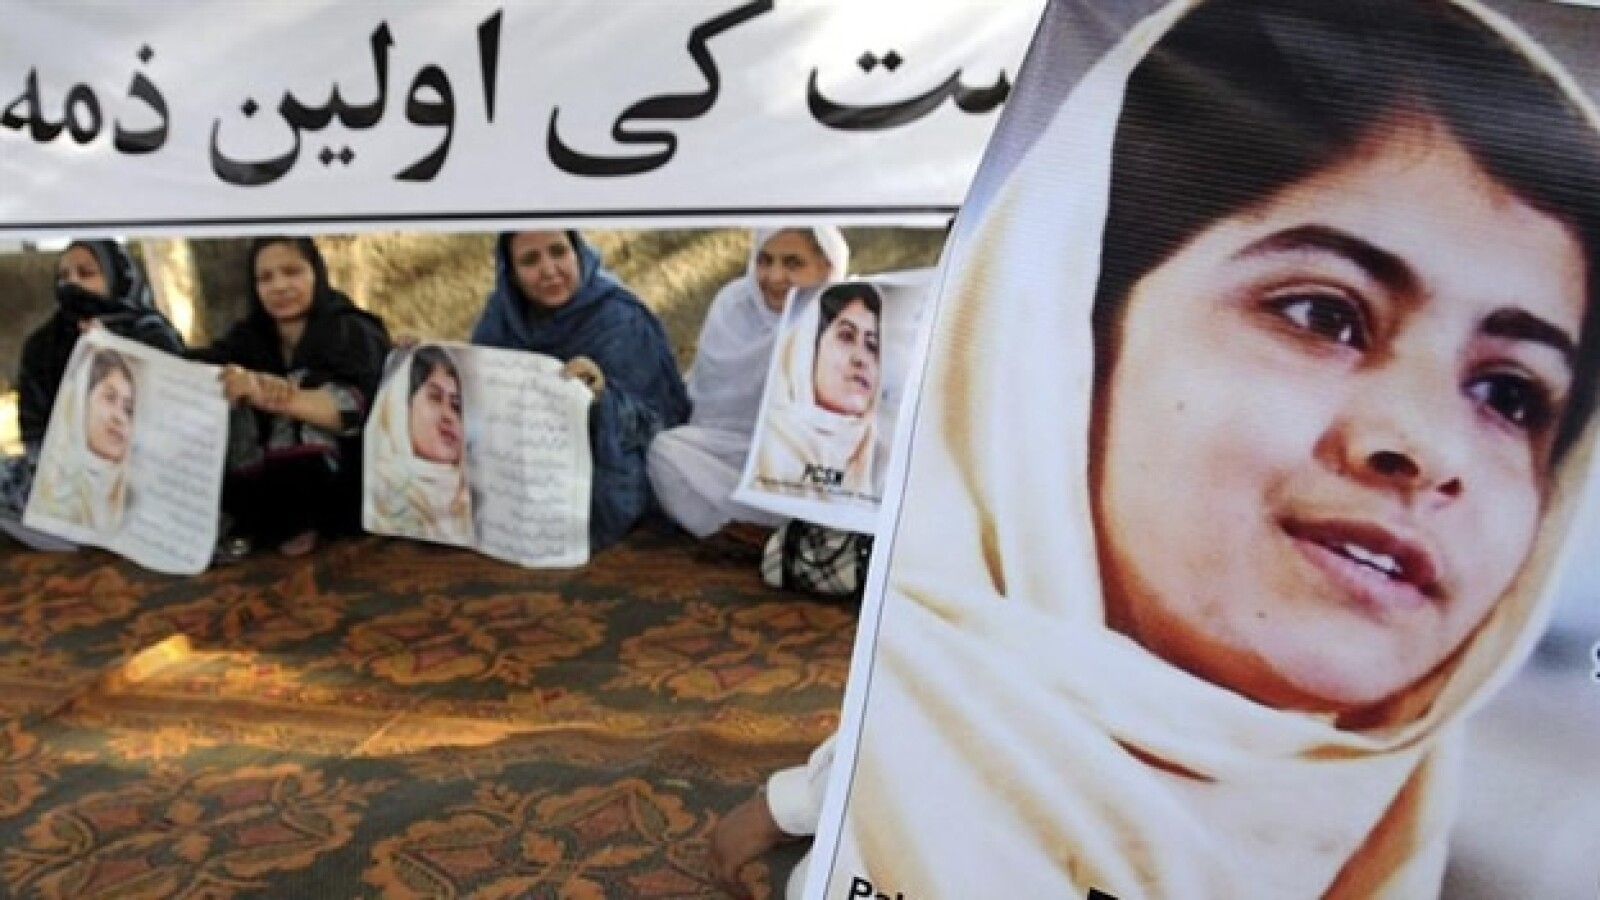 Malala Yosufzai